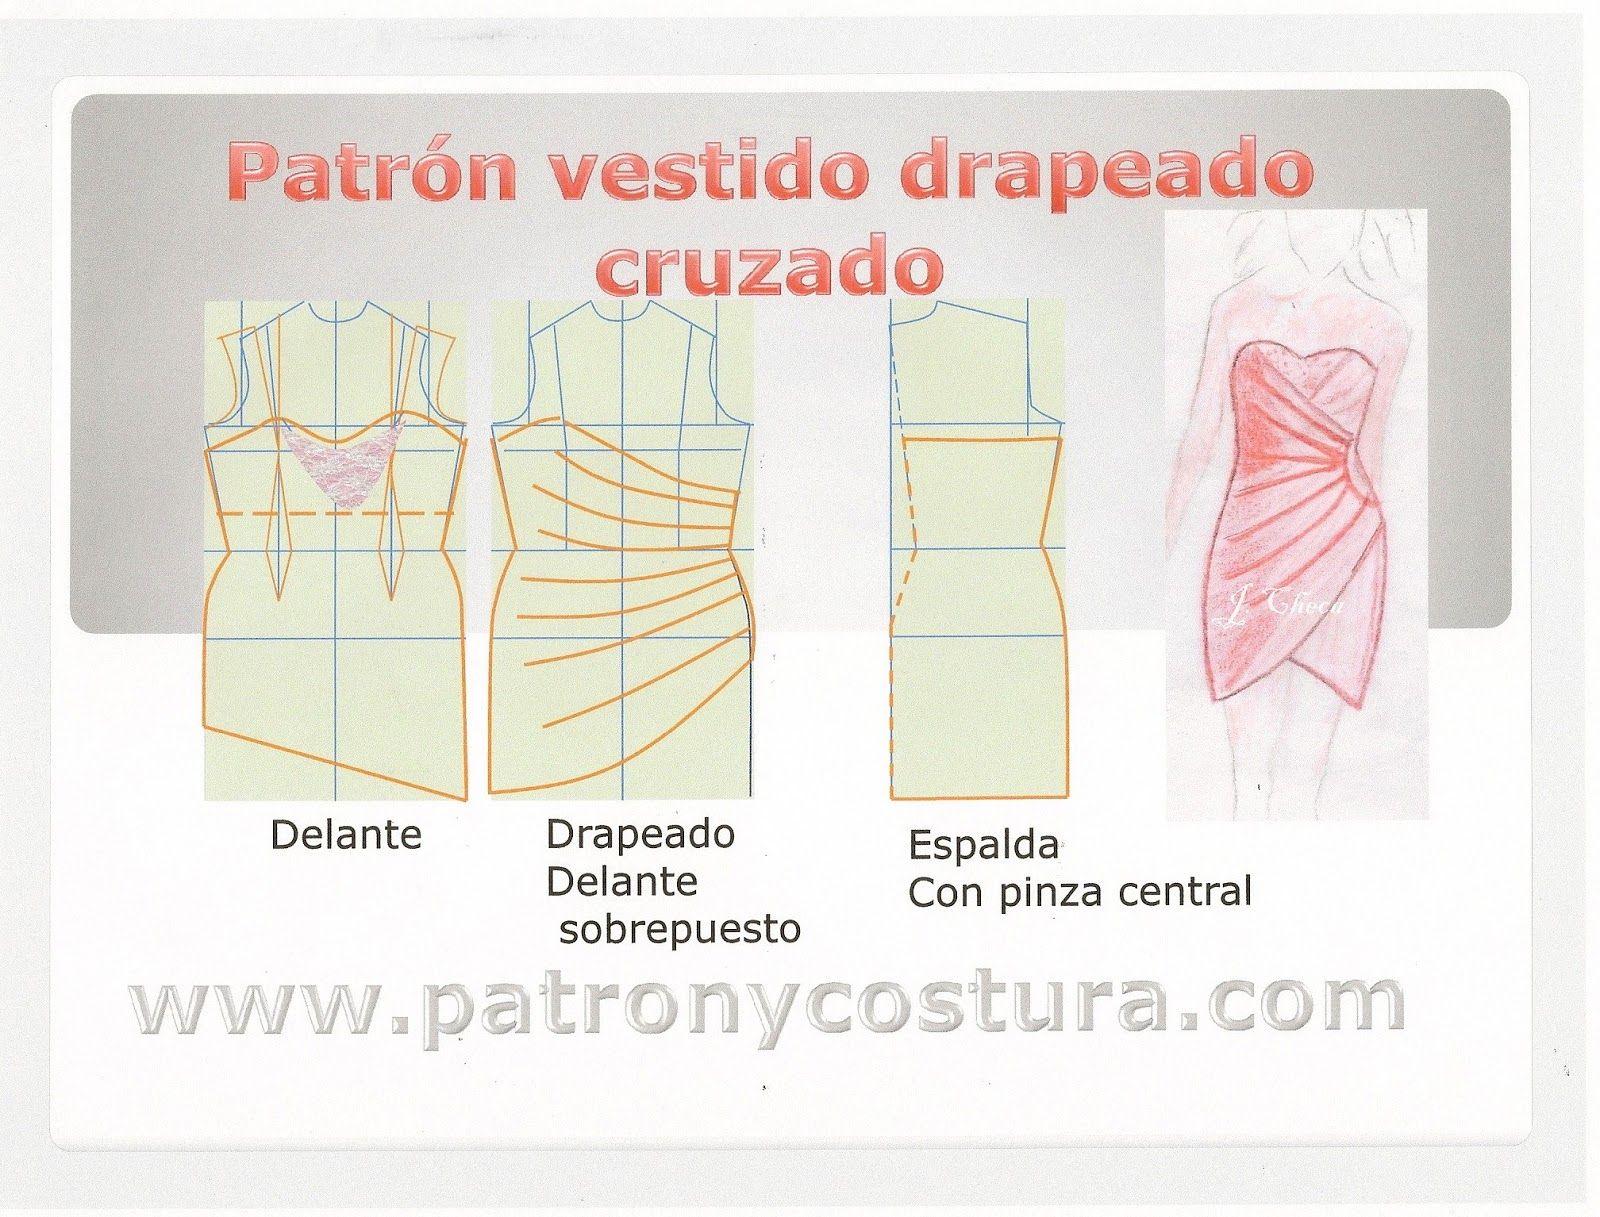 Patrón y costura : Vestido drapeado cruzado delante. Tema 119 ...